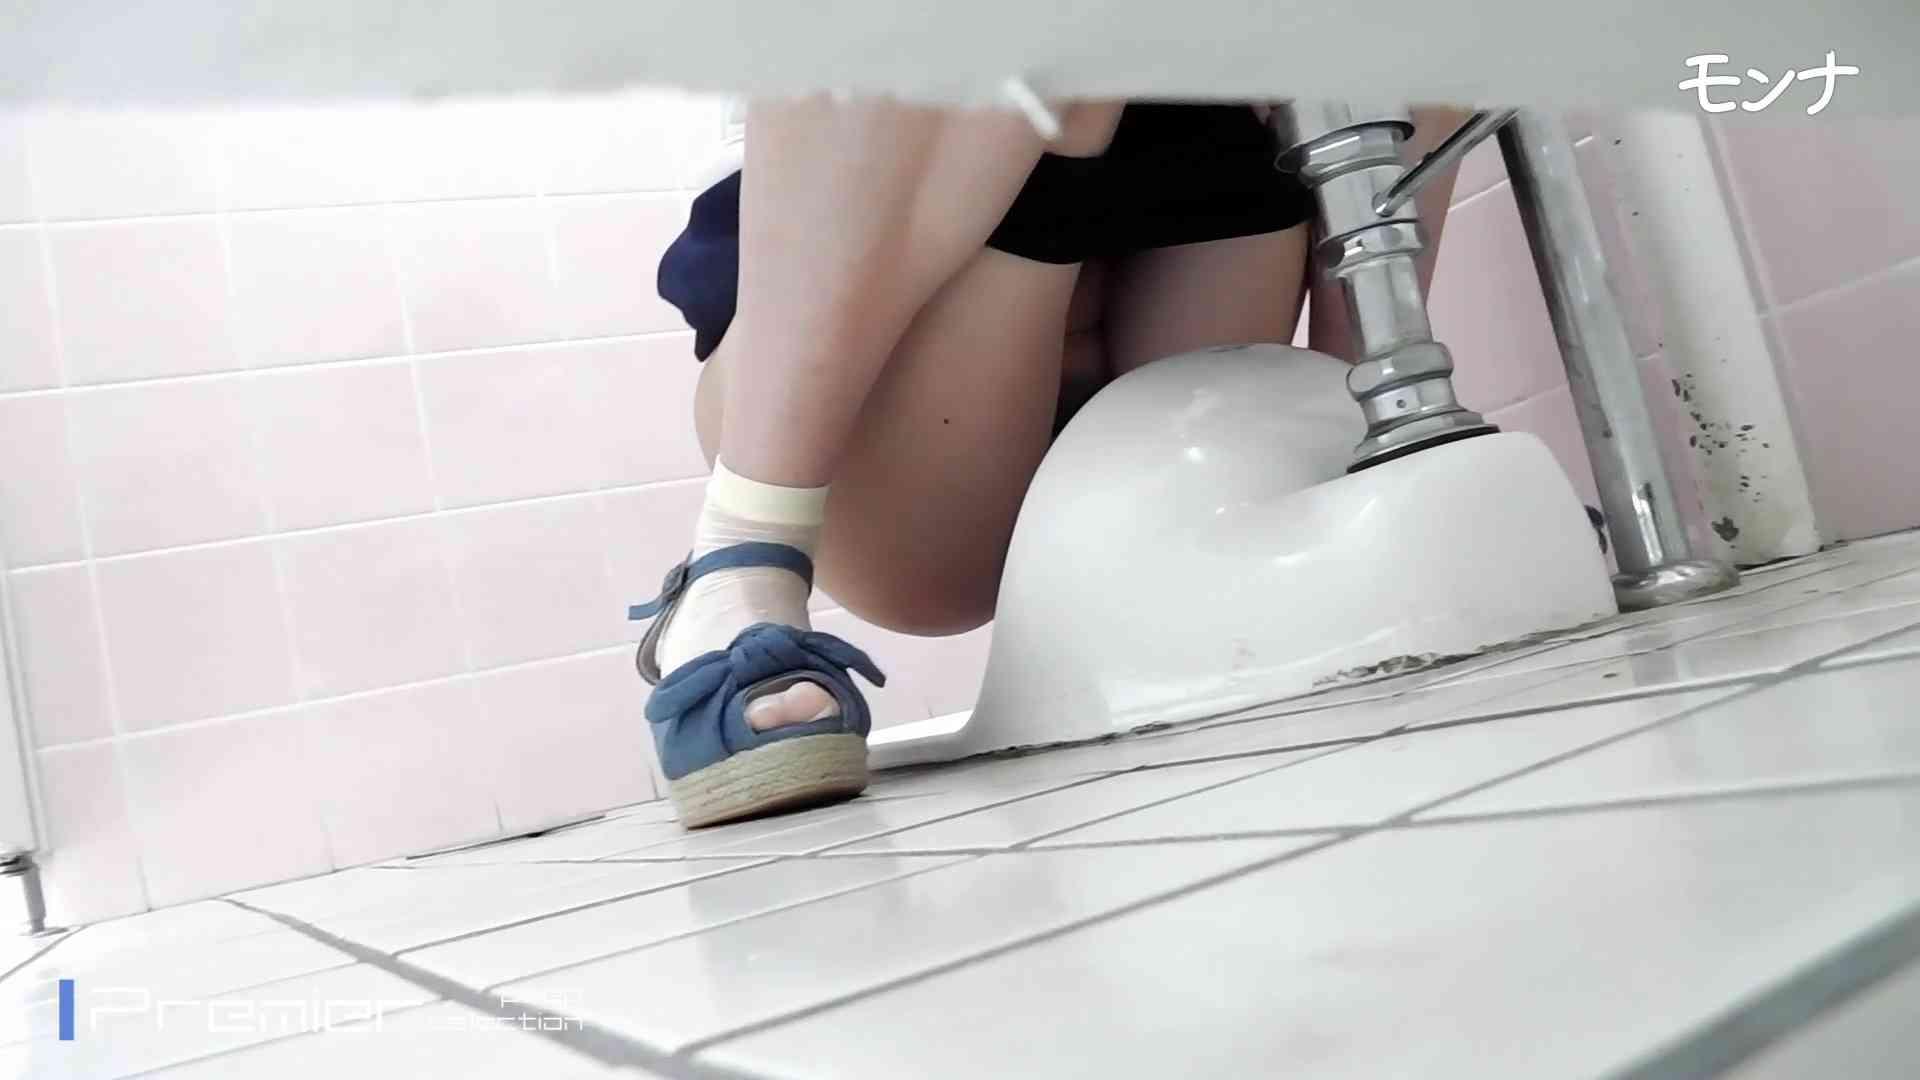 美しい日本の未来 No.84この美脚と距離感 ギャルズ | 細身・スレンダー  93画像 55